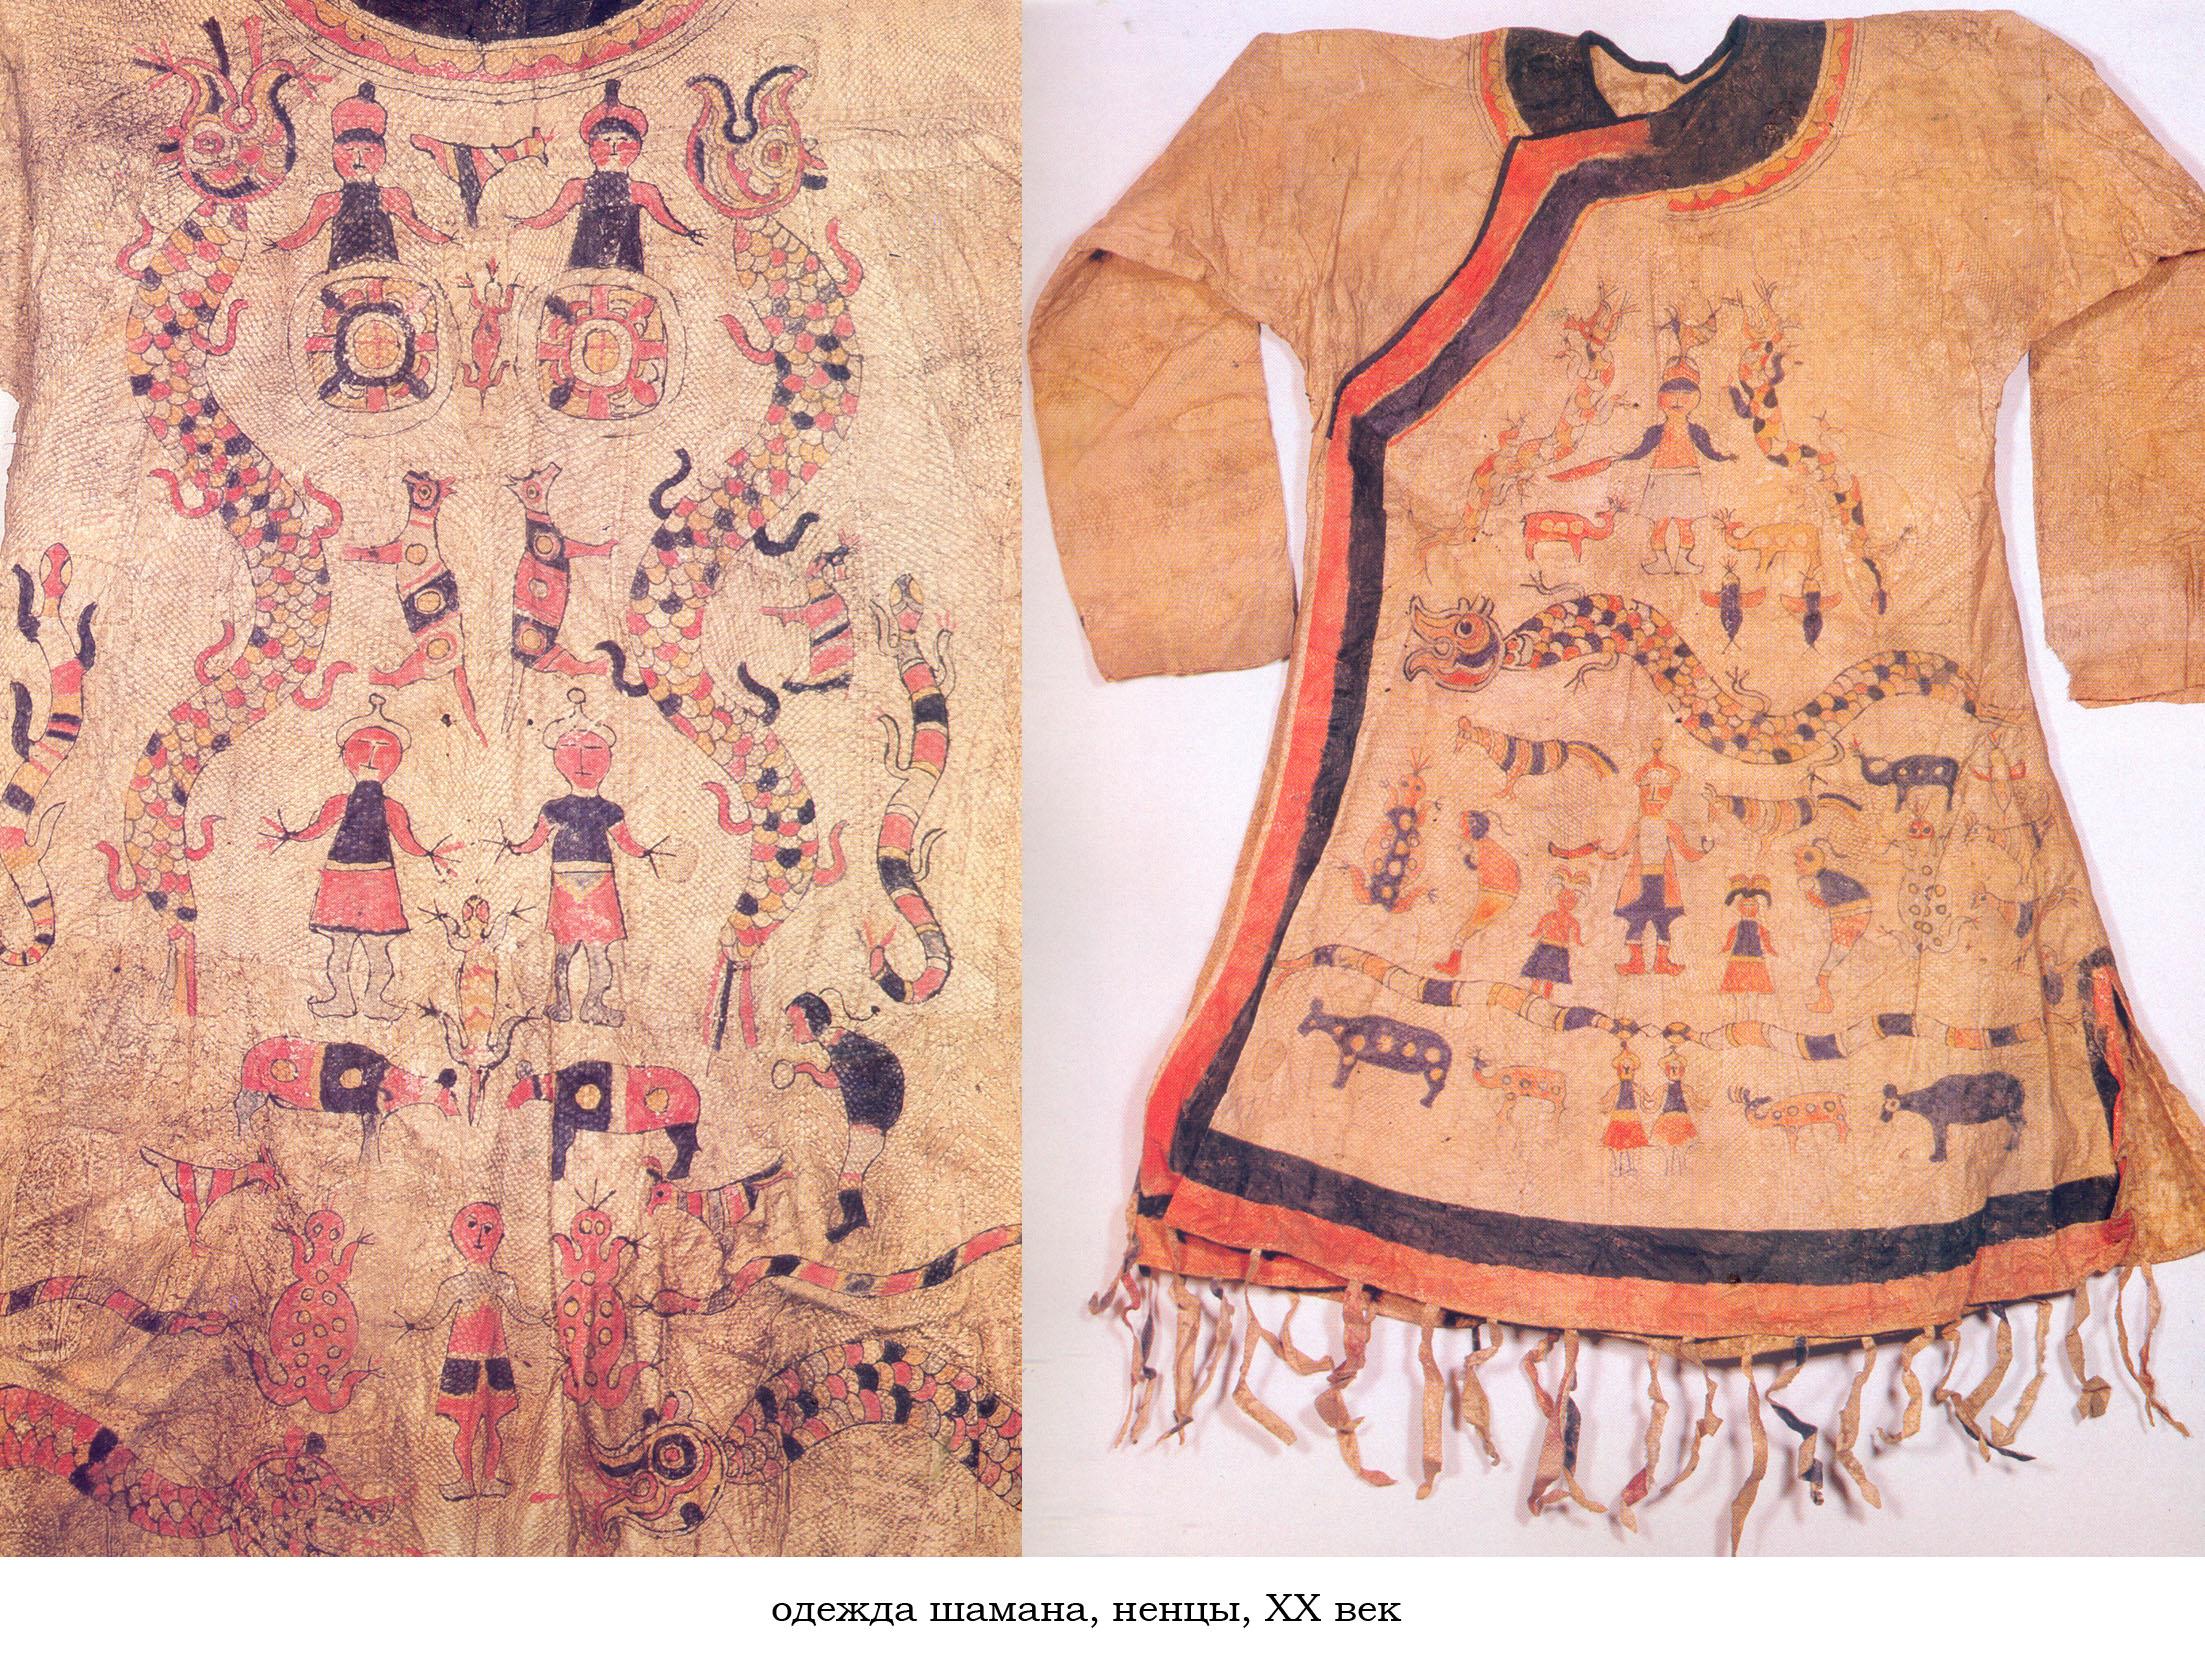 одежда шамана.jpg